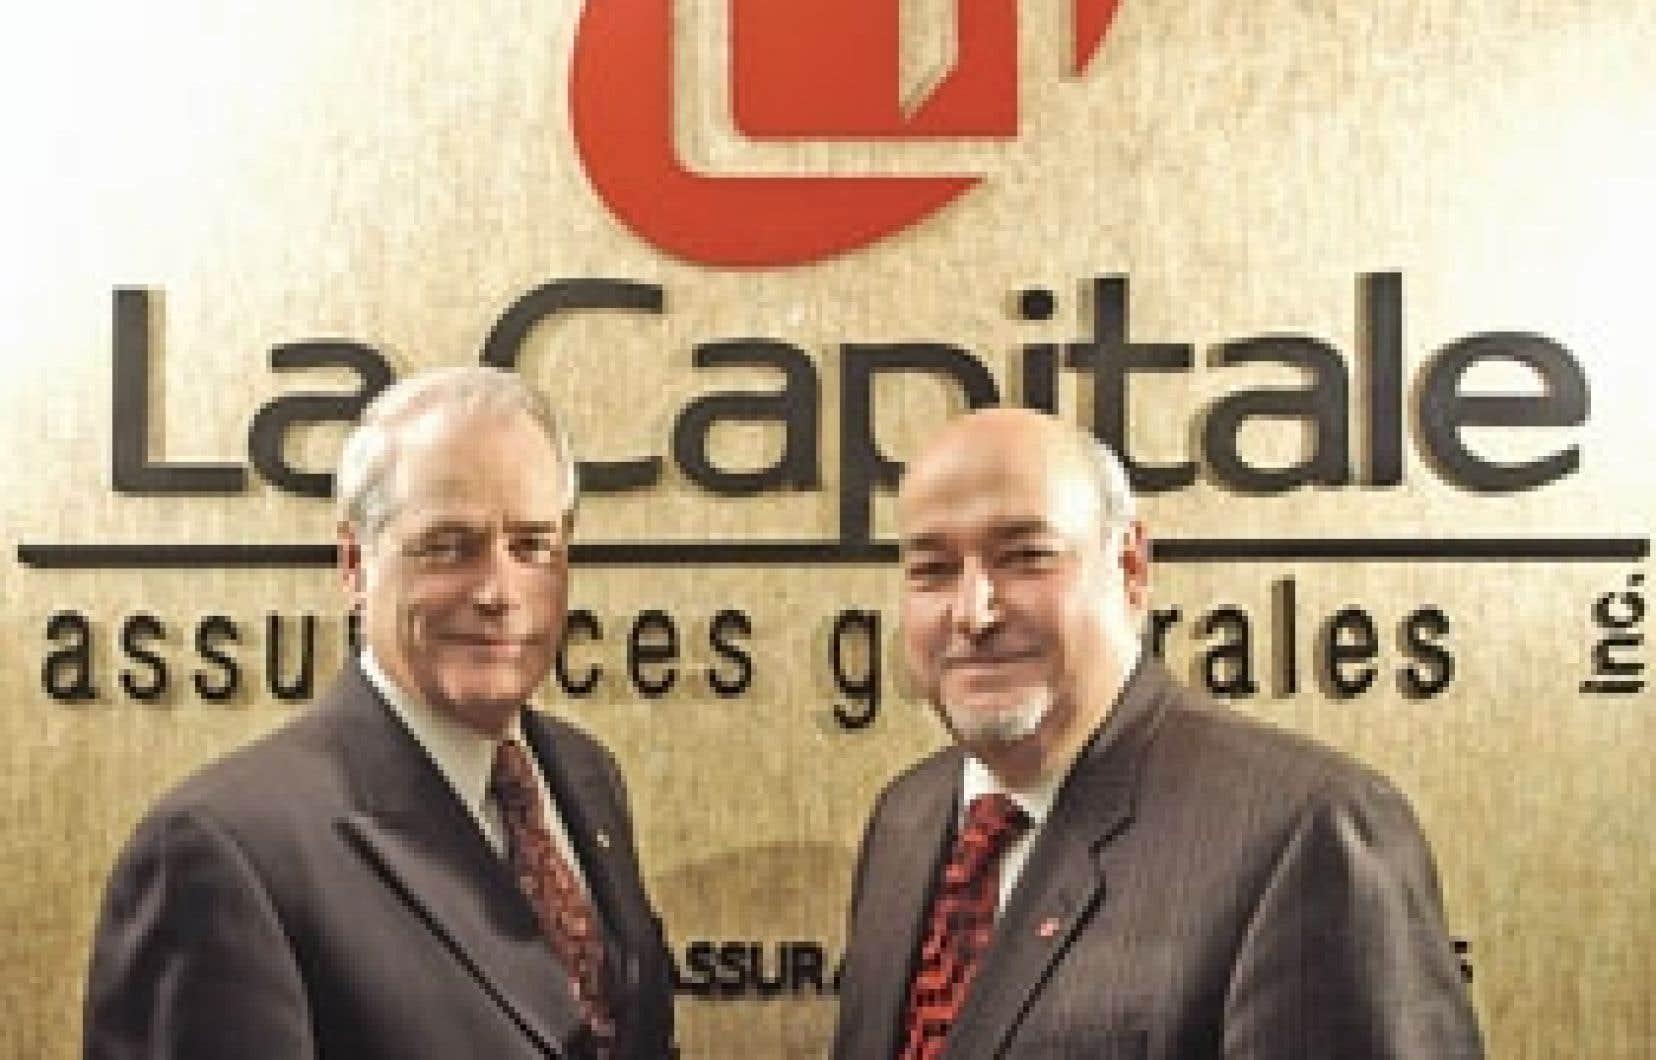 Jean-Yves Dupéré, président du conseil et chef de la direction de La Capitale, et Réal Circé, p.-d.g. de La Capitale assurances générales. «Nous sommes en mode d'acquisition, mais avec prudence. Nous n'avons pas besoin d'impressionner le mo